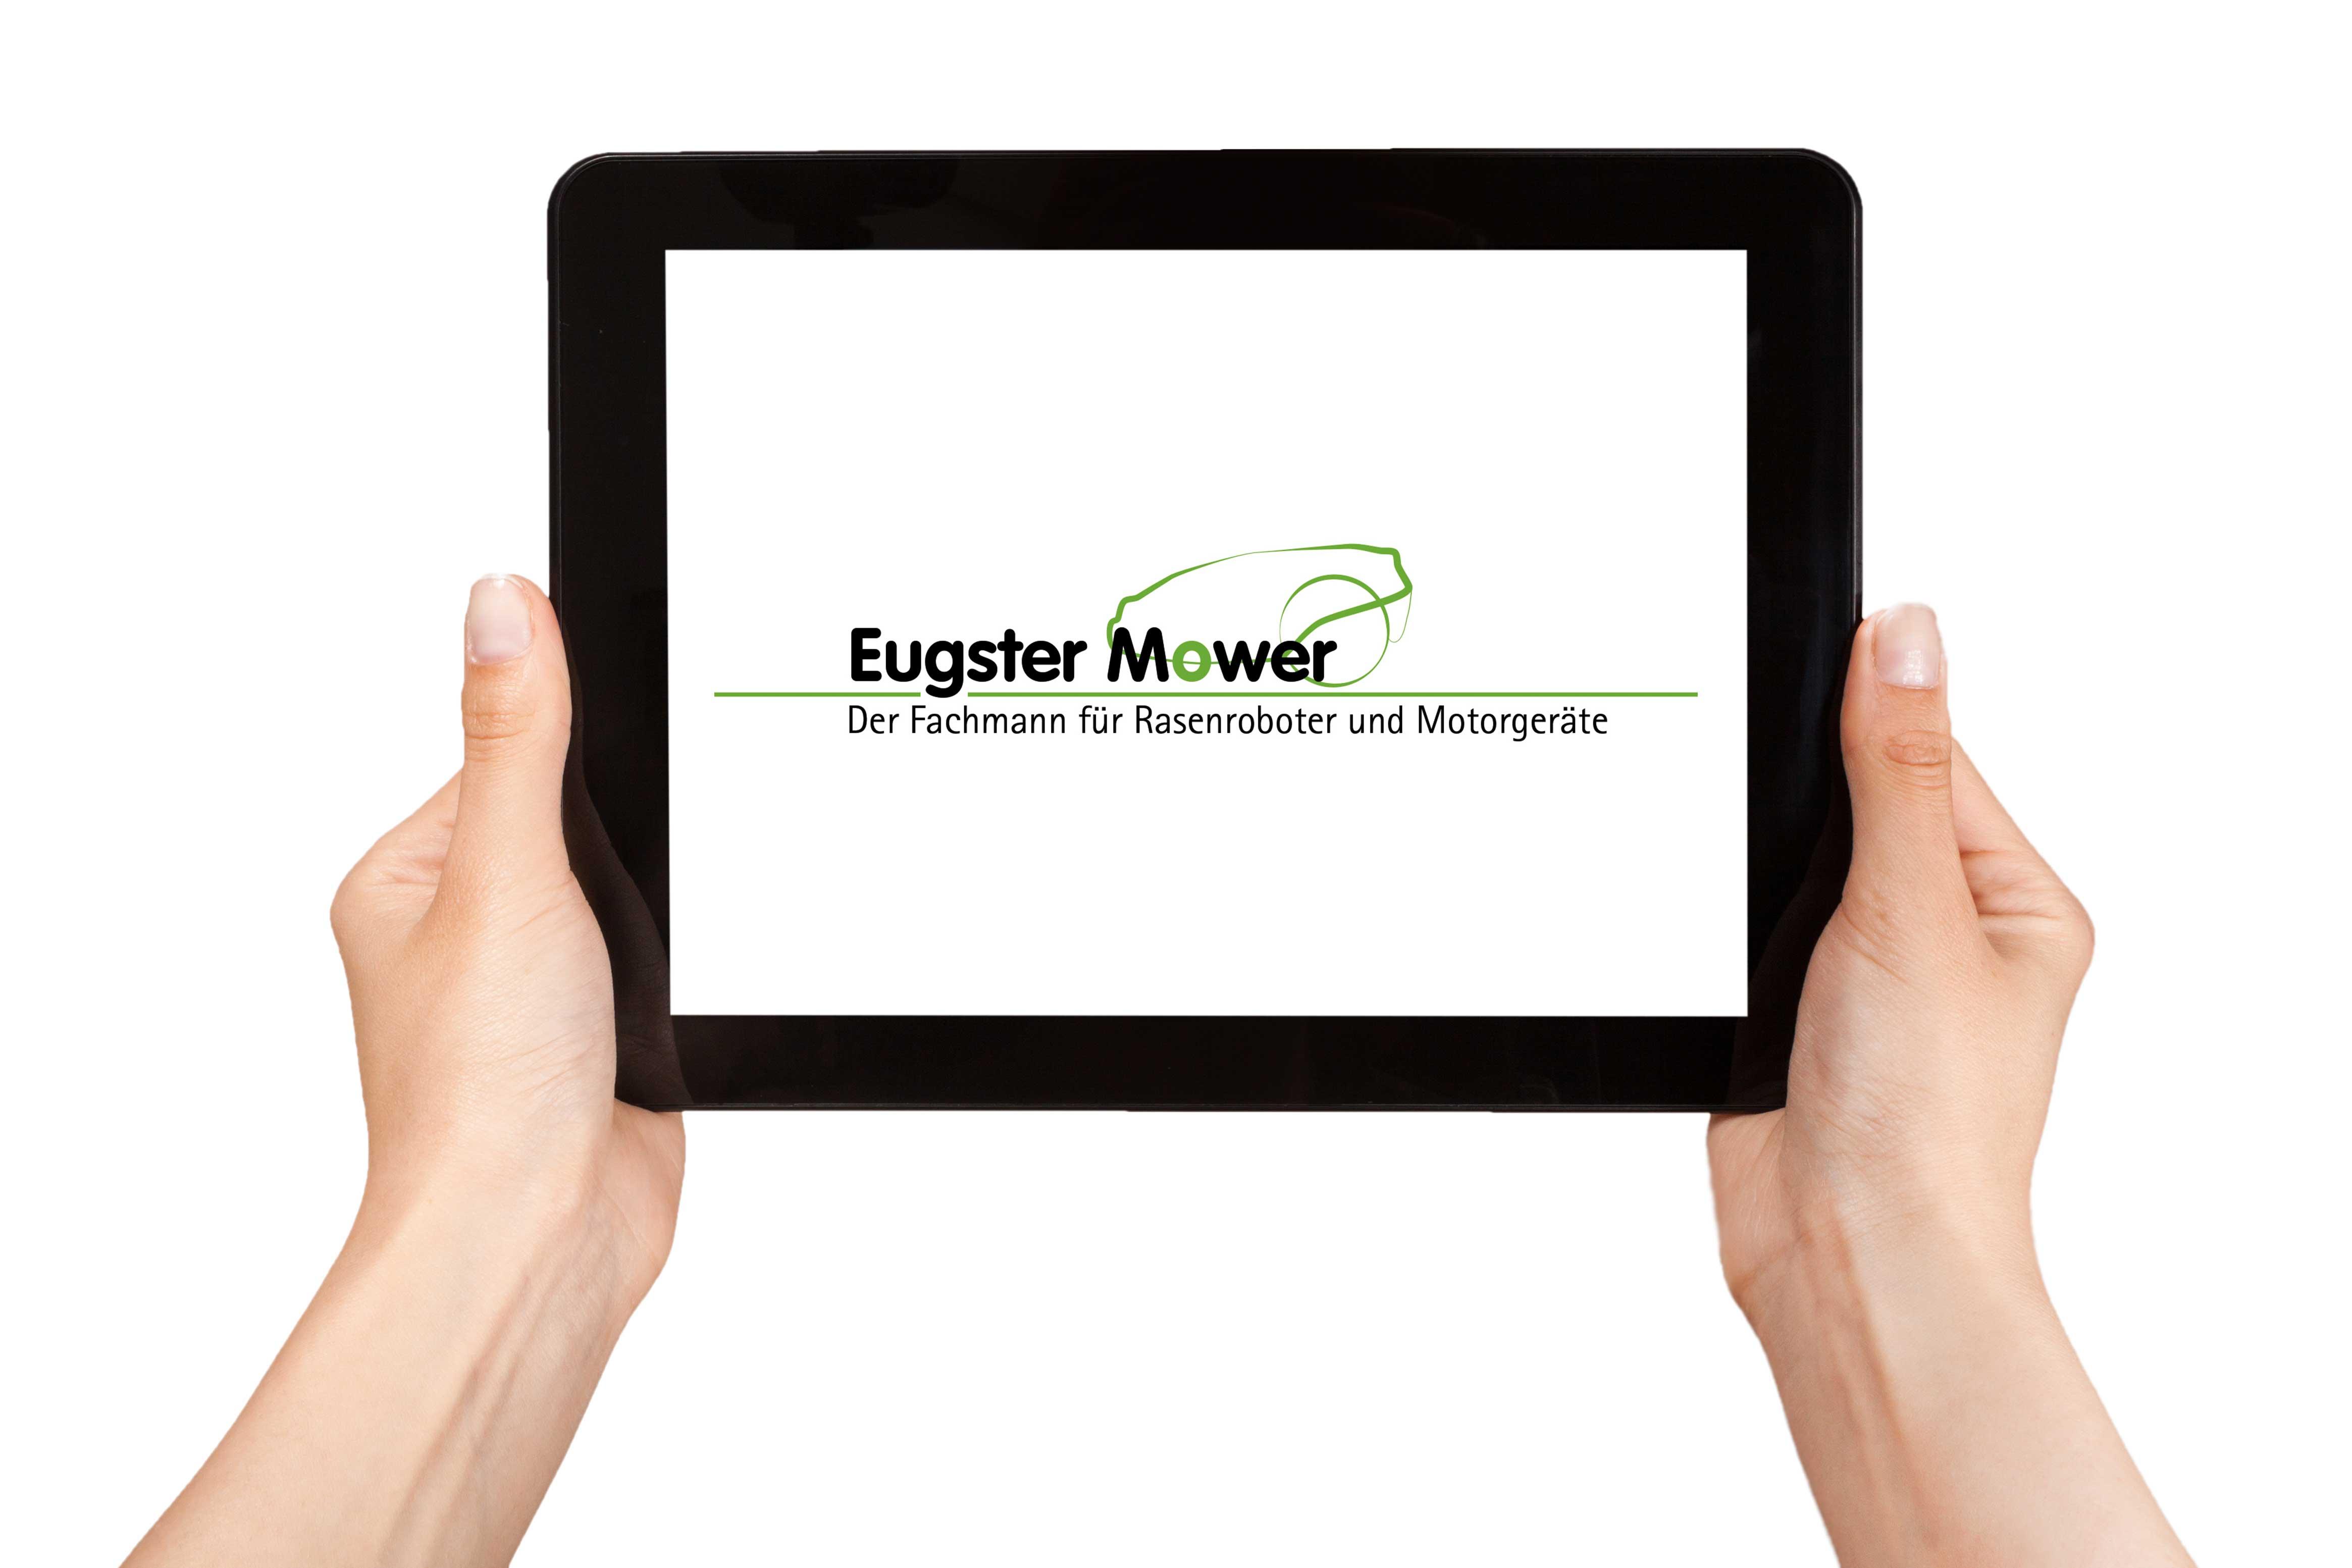 Logo Eugster Mower